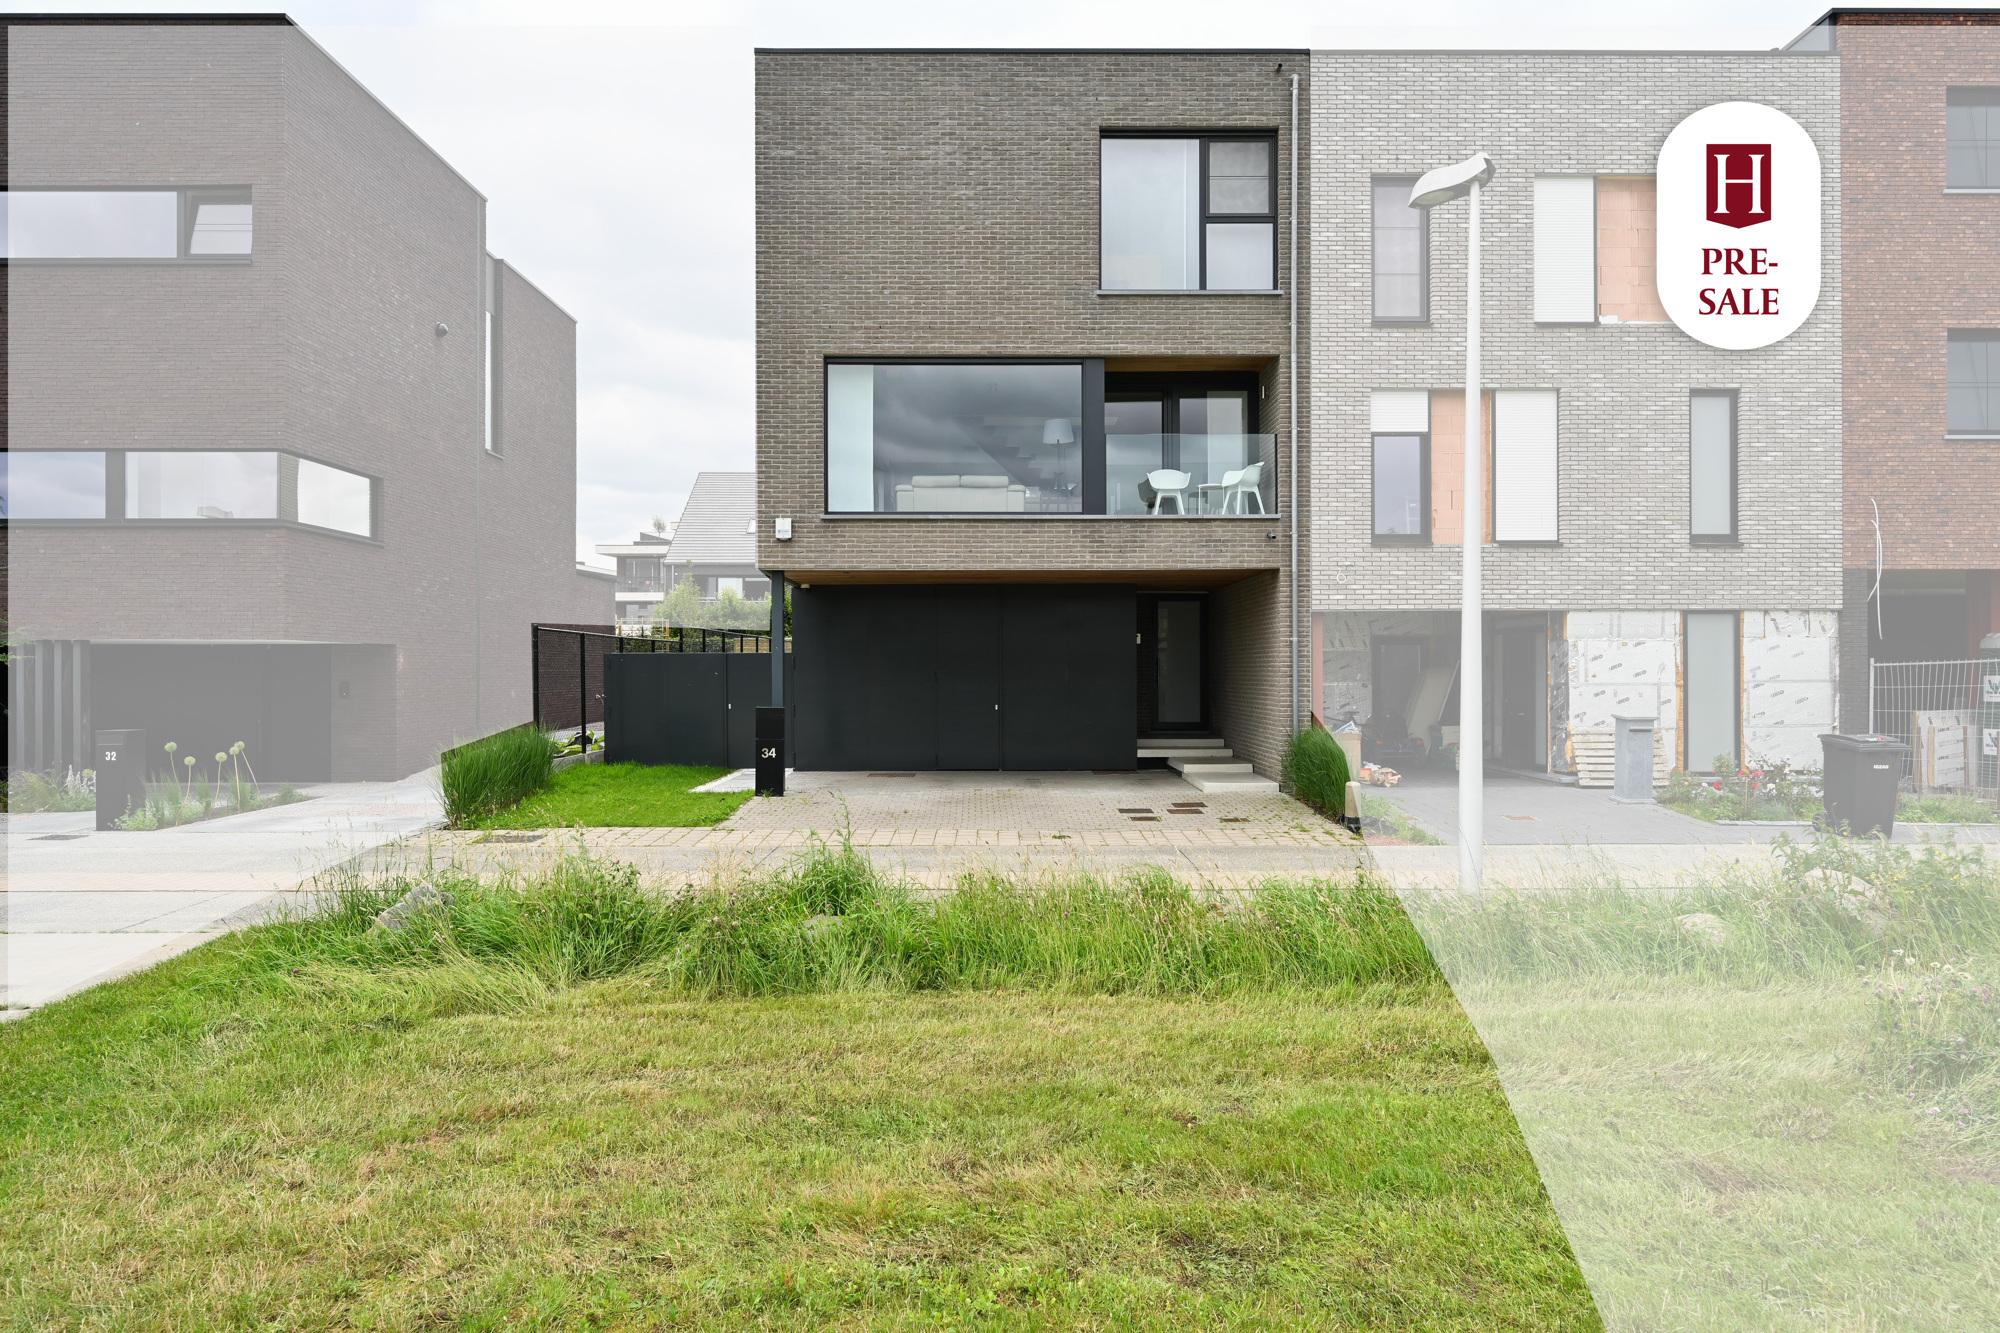 Open Huis met PRE-SALE op 24/07: Moderne bel-étage woning in Edegem